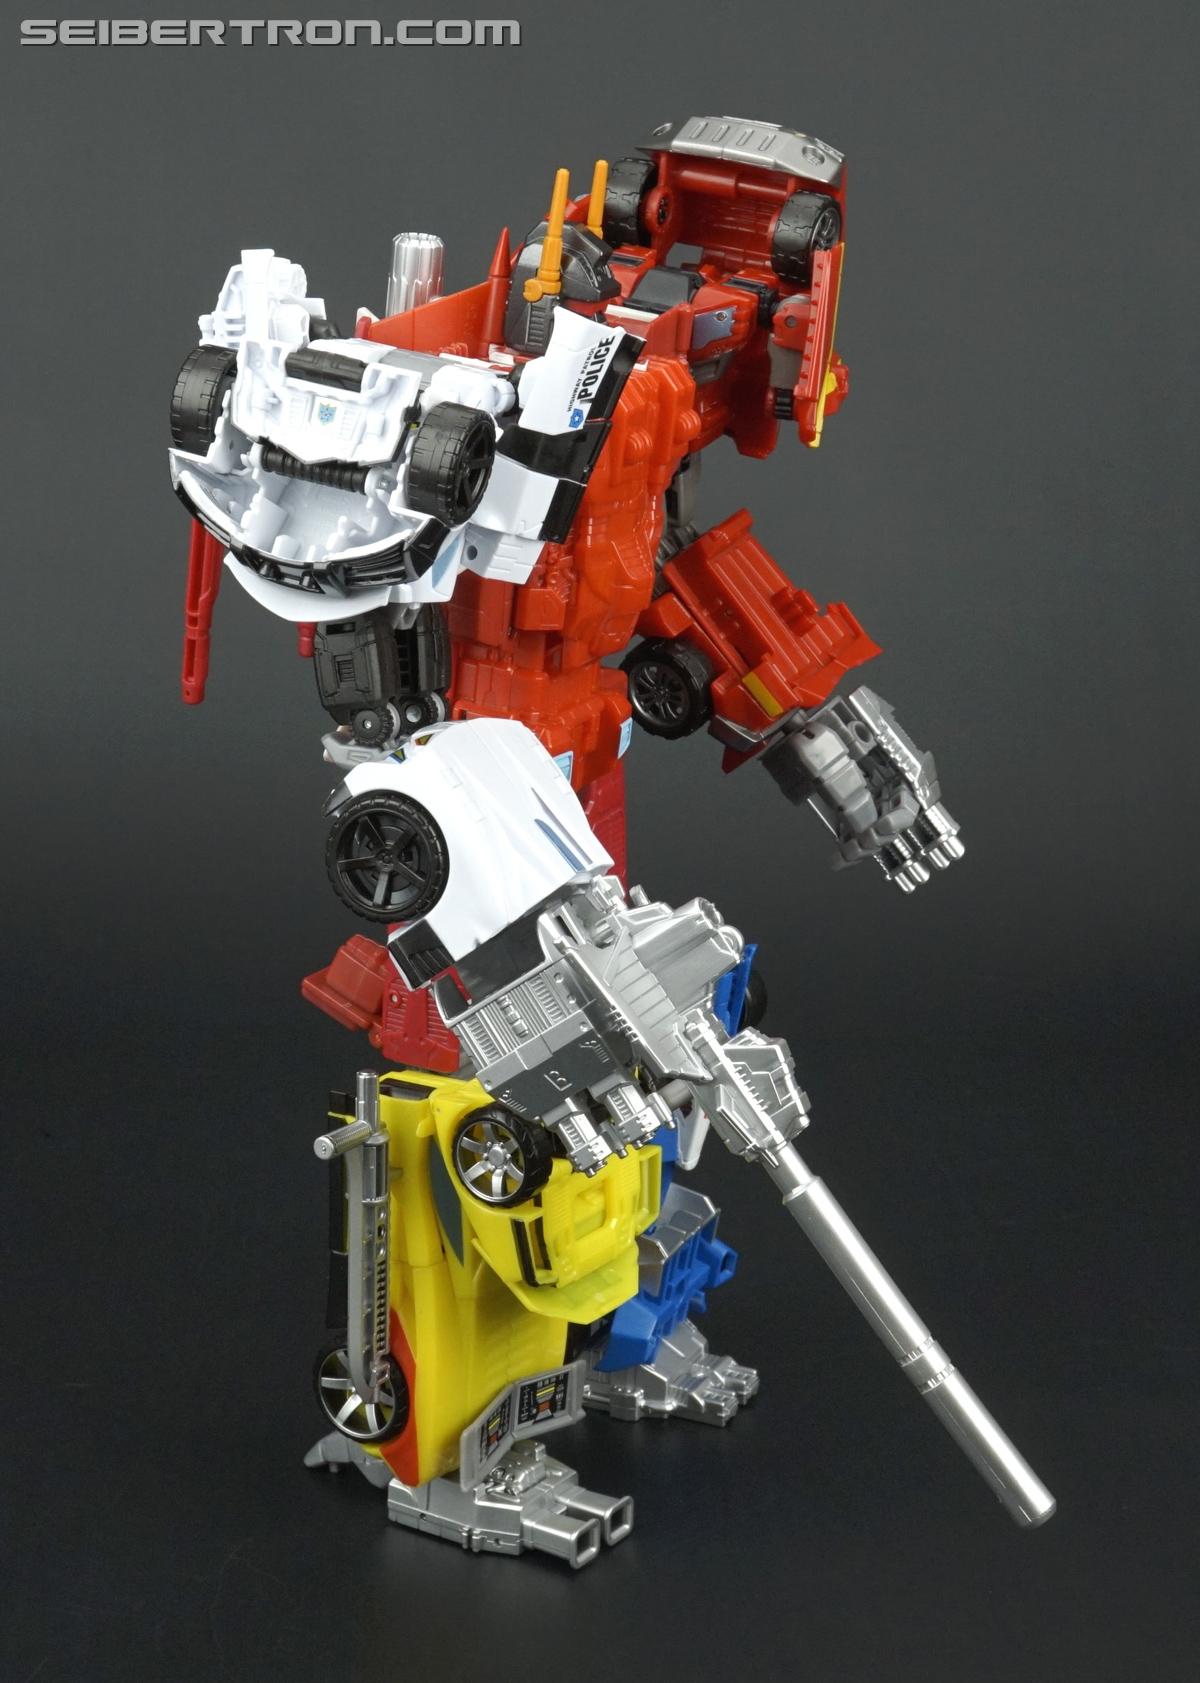 Transformers Generations Combiner Wars Betatron (Image #22 of 76)